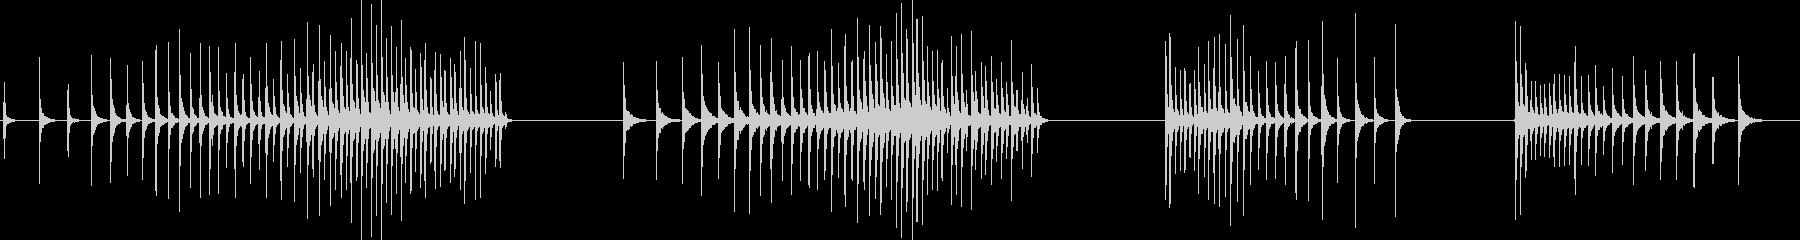 ボンゴ、ドラム、ロール、4バージョ...の未再生の波形